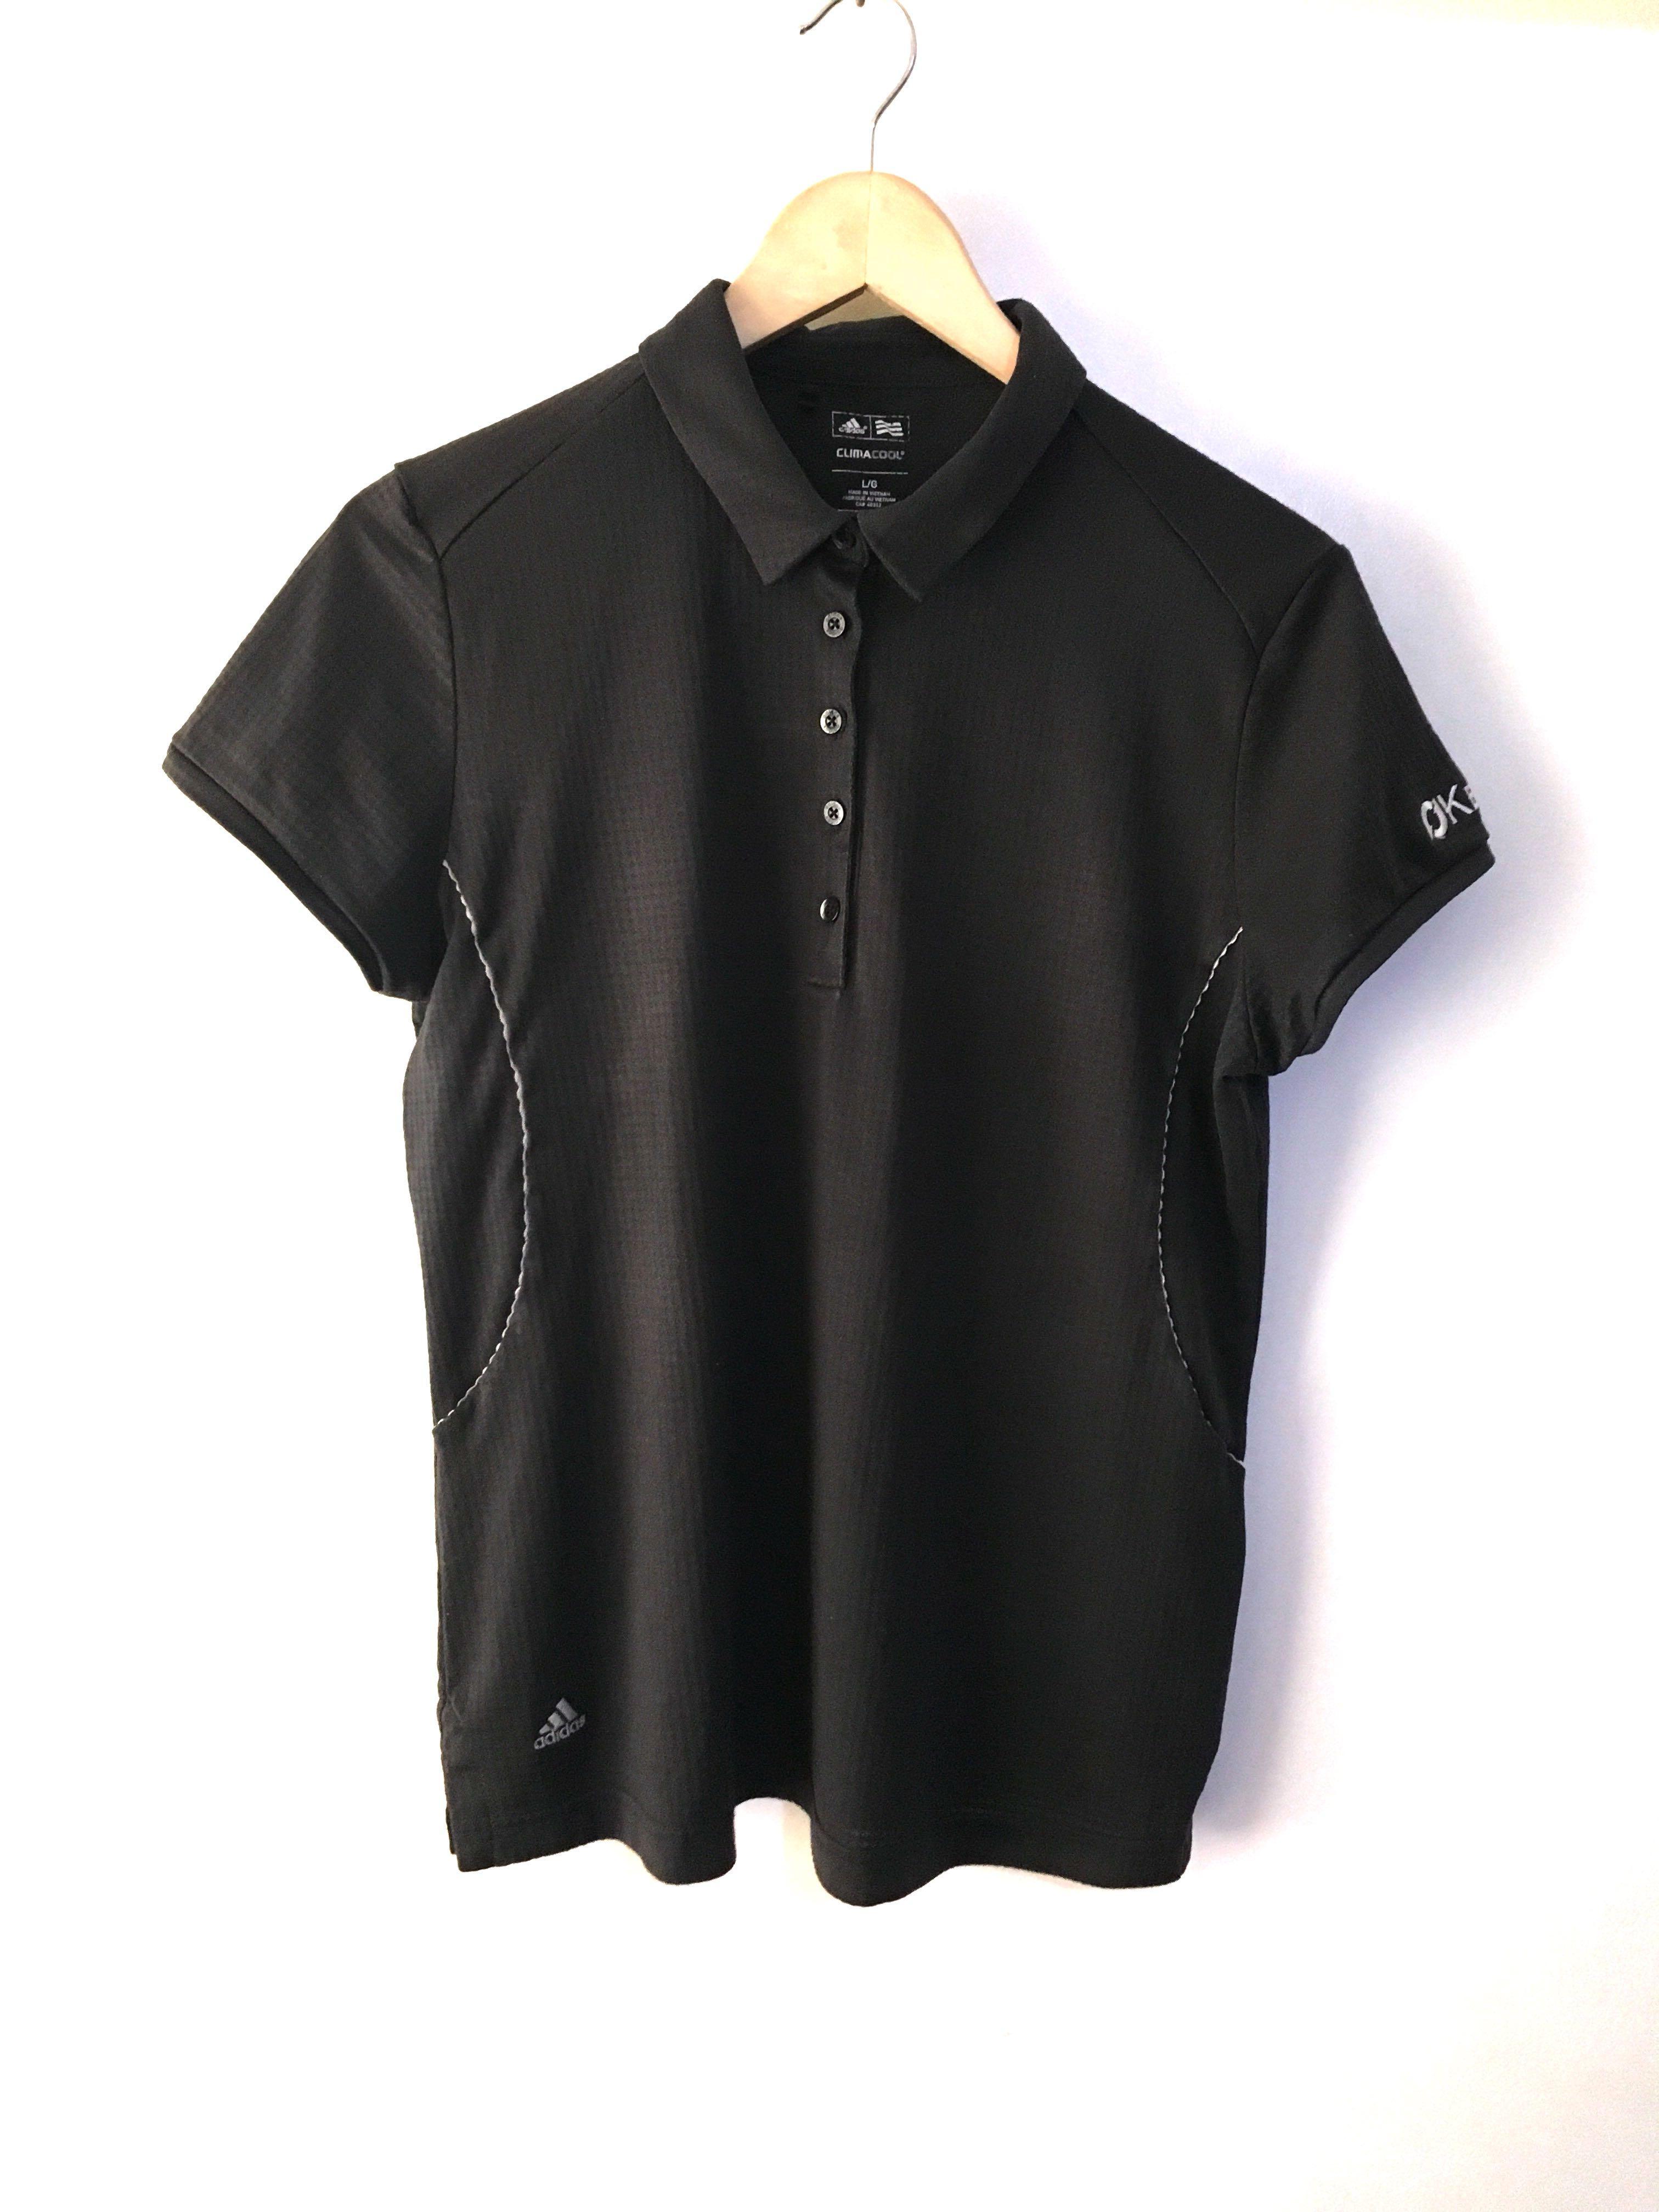 low priced 3abd8 31a6c Original Adidas Womens Black Climacool Golf Polo Shirt Top ...